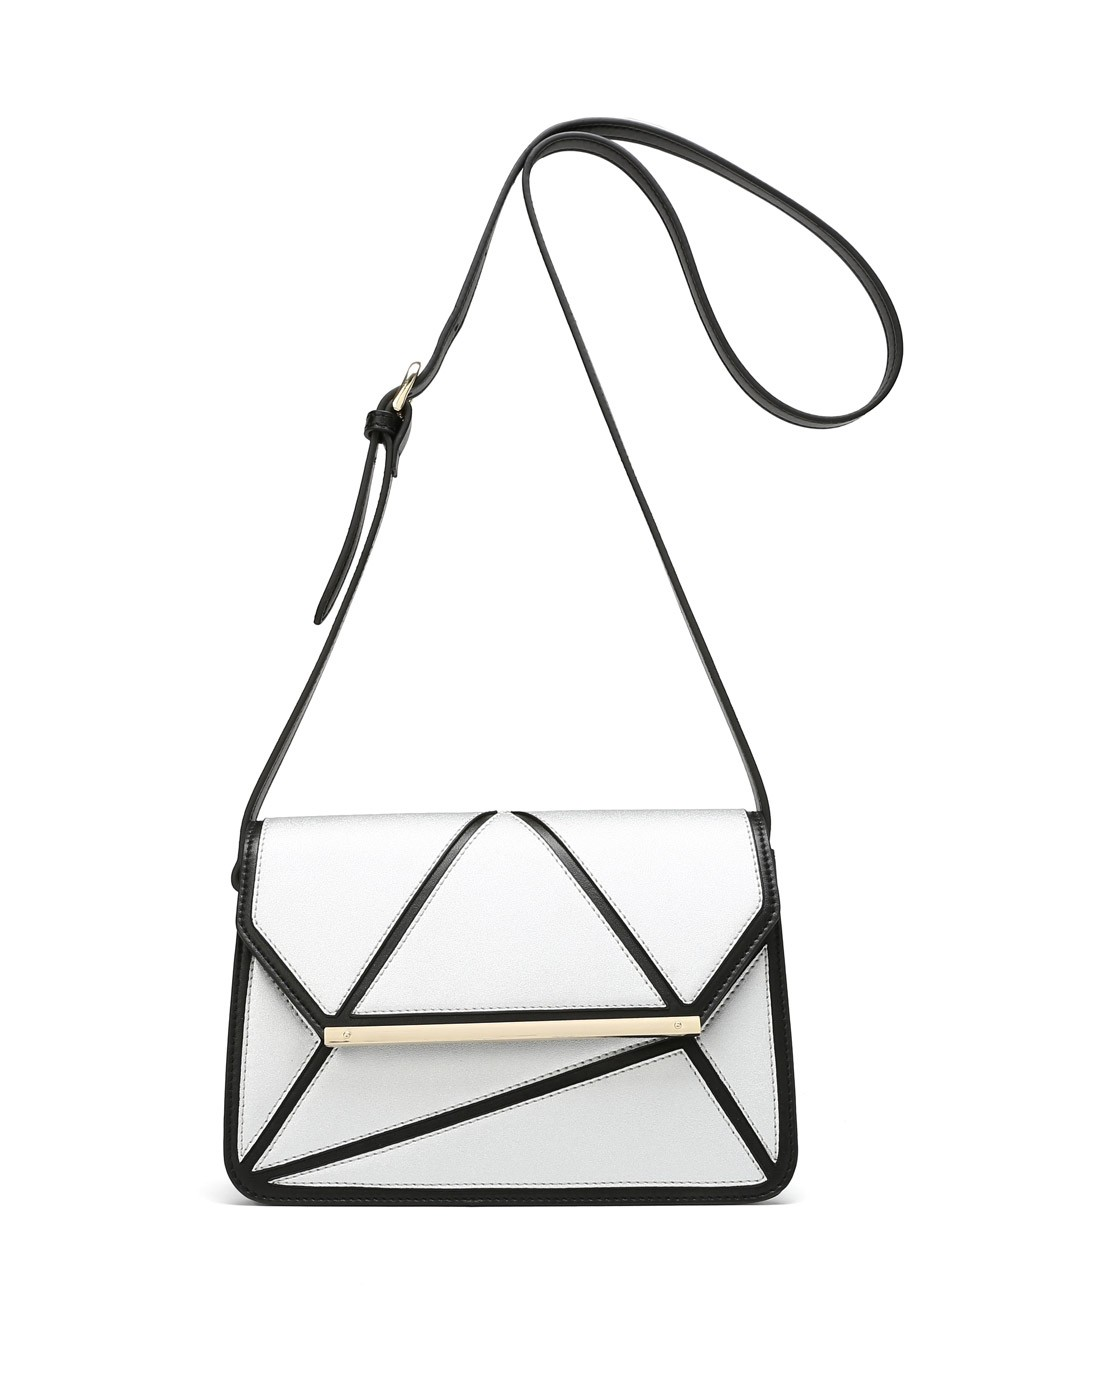 包 包包 简笔画 挎包手袋 女包 手绘 手提包 线稿 1100_1390 竖版 竖-简